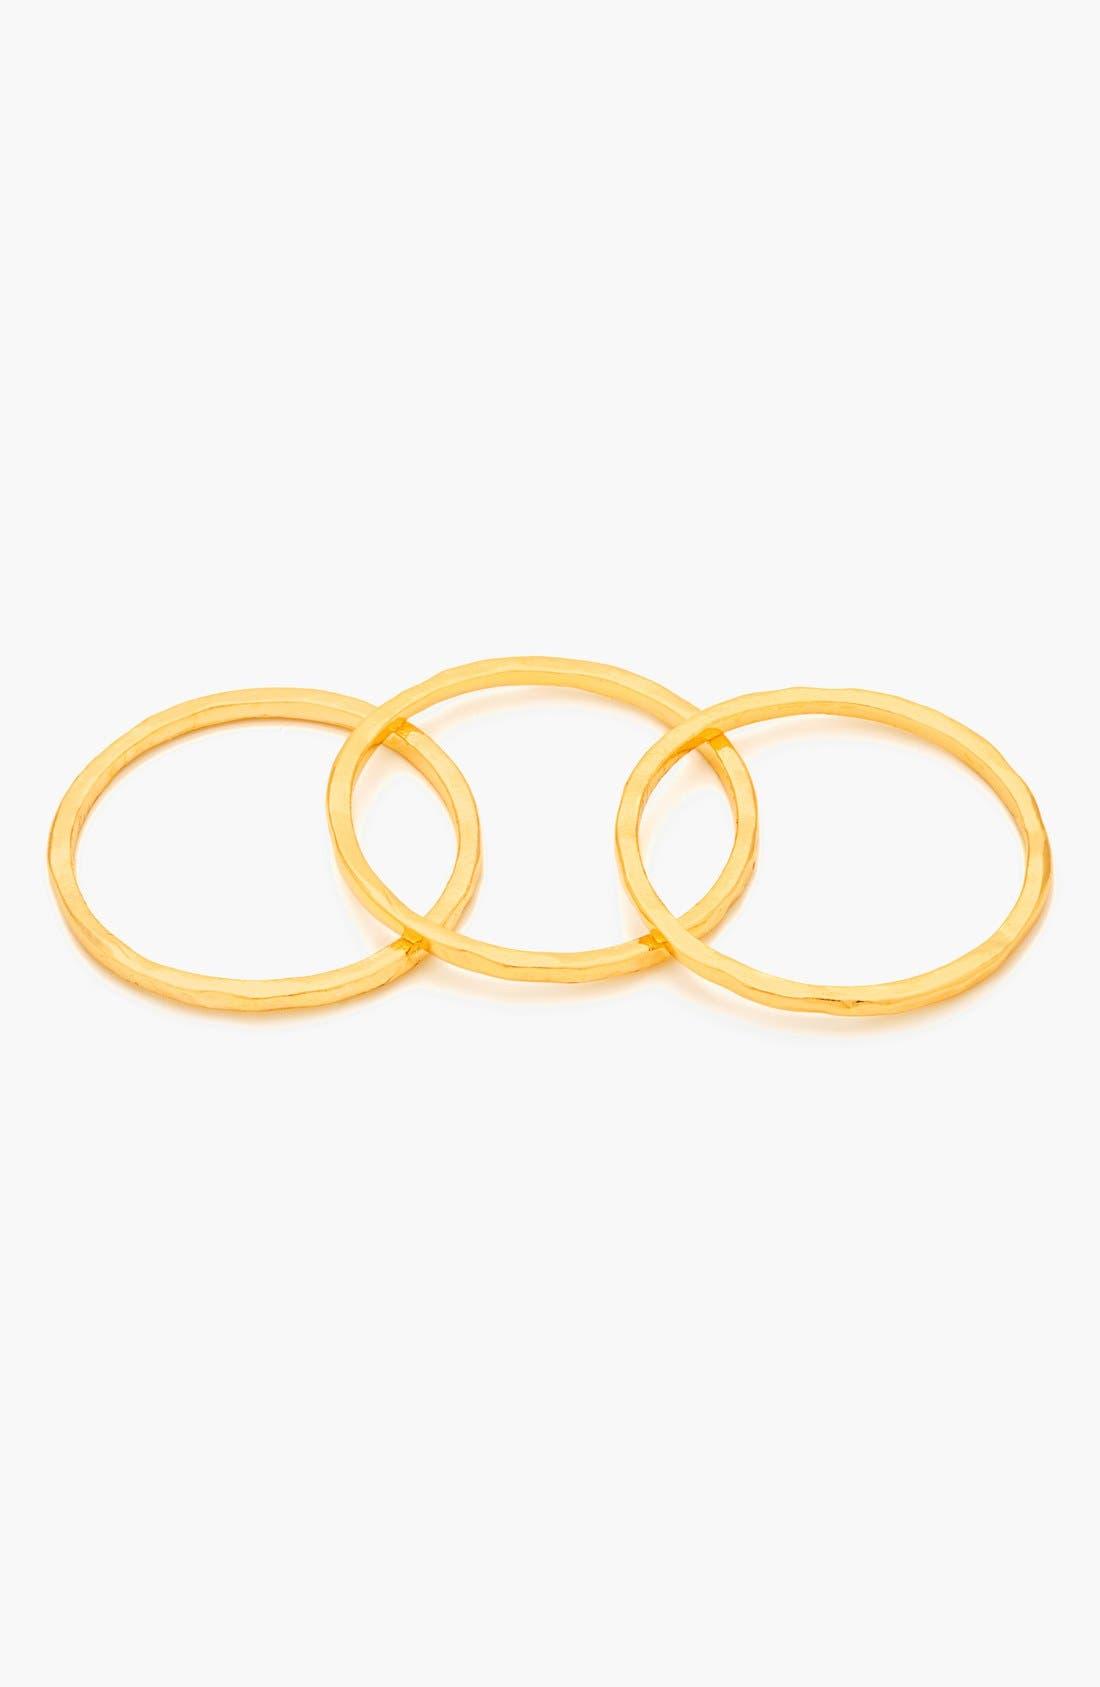 Alternate Image 4  - gorjana 'G Ring' Hammered Stack Rings (Set of 3)